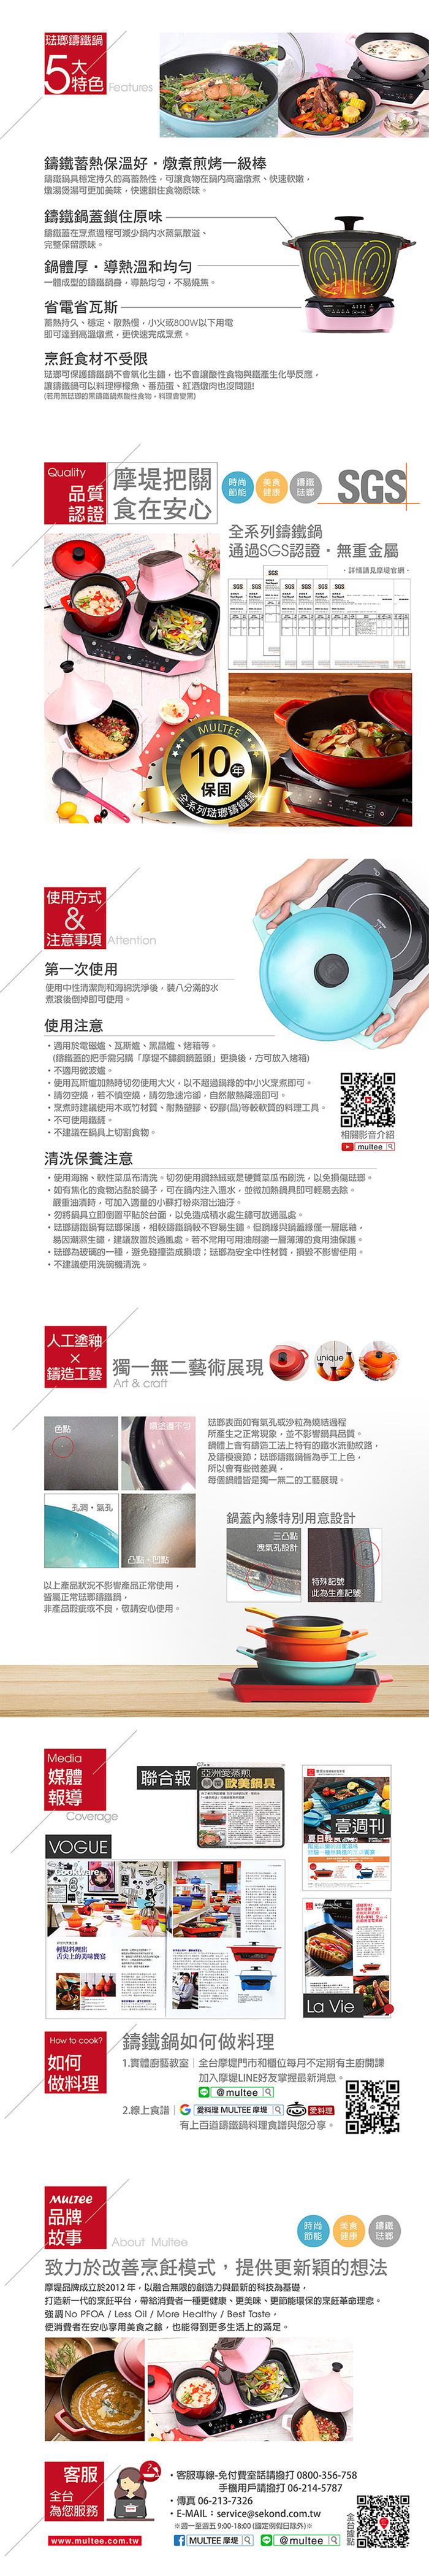 (複製)MULTEE摩堤|經典歡樂無煙燒烤組(肋)_800W(經典紅)_紅A4.紅A4 800.黃抽